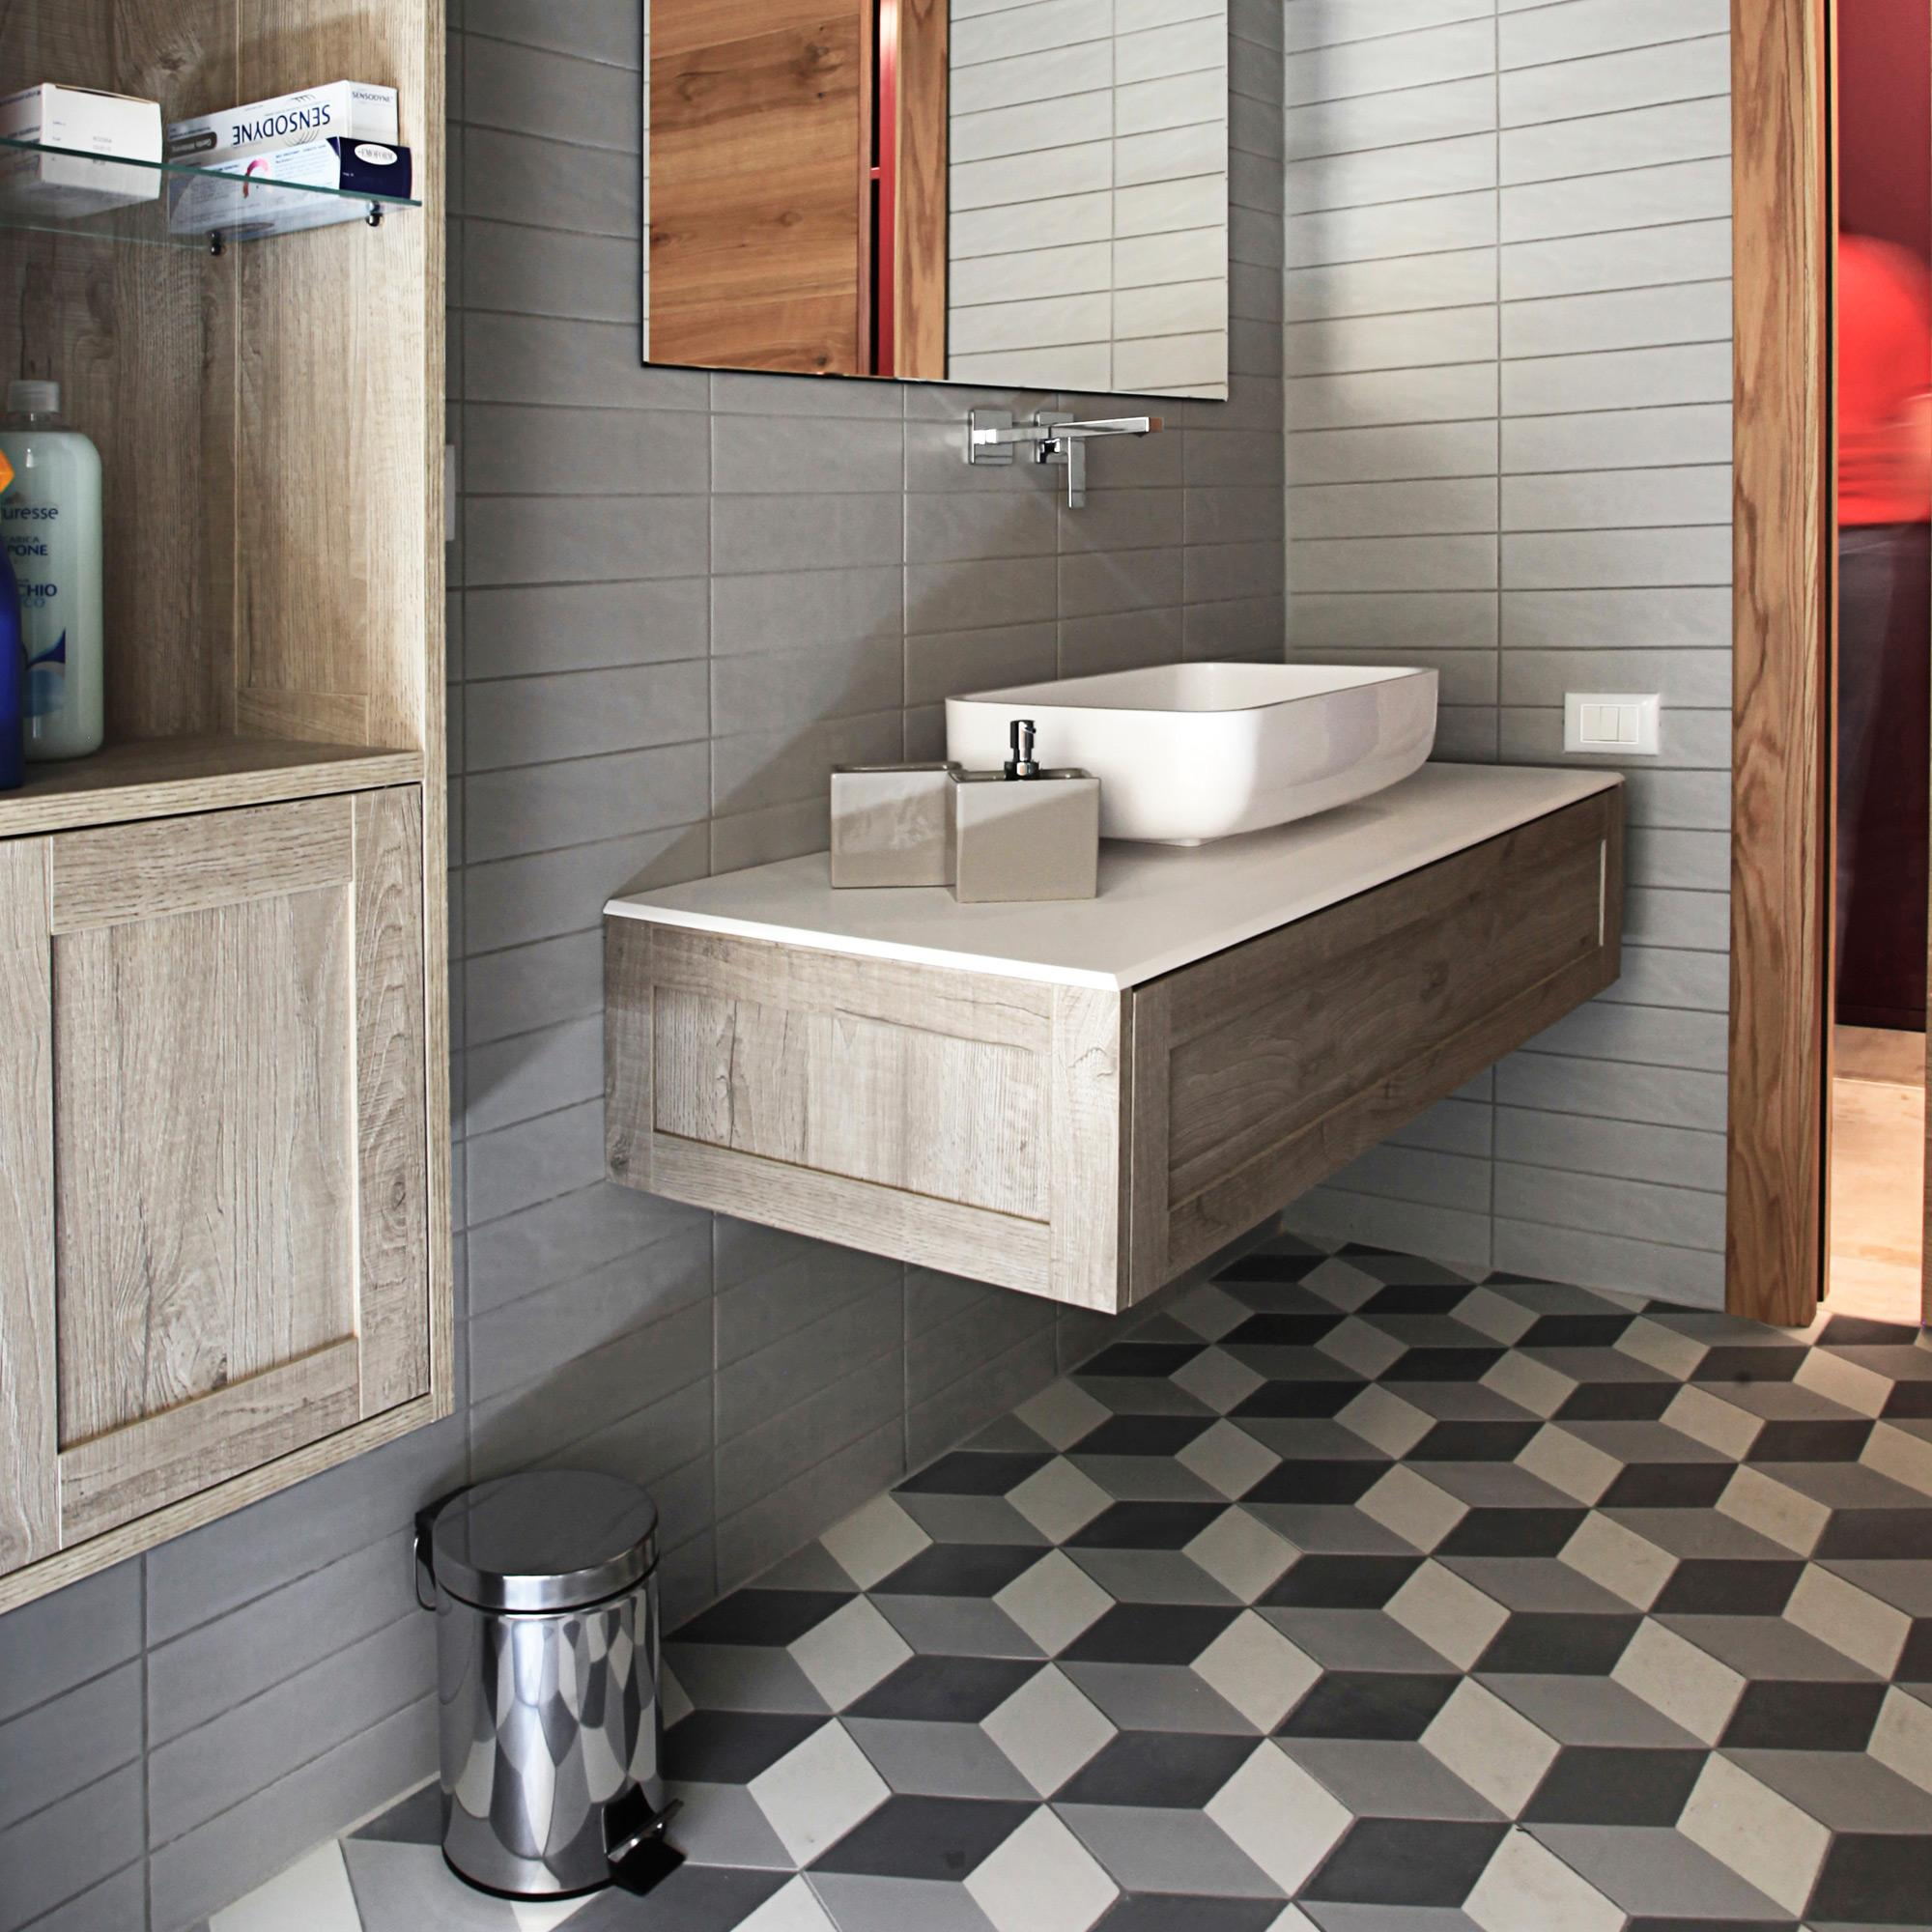 badezimmerschrank • bilder & ideen • couchstyle, Badezimmer ideen